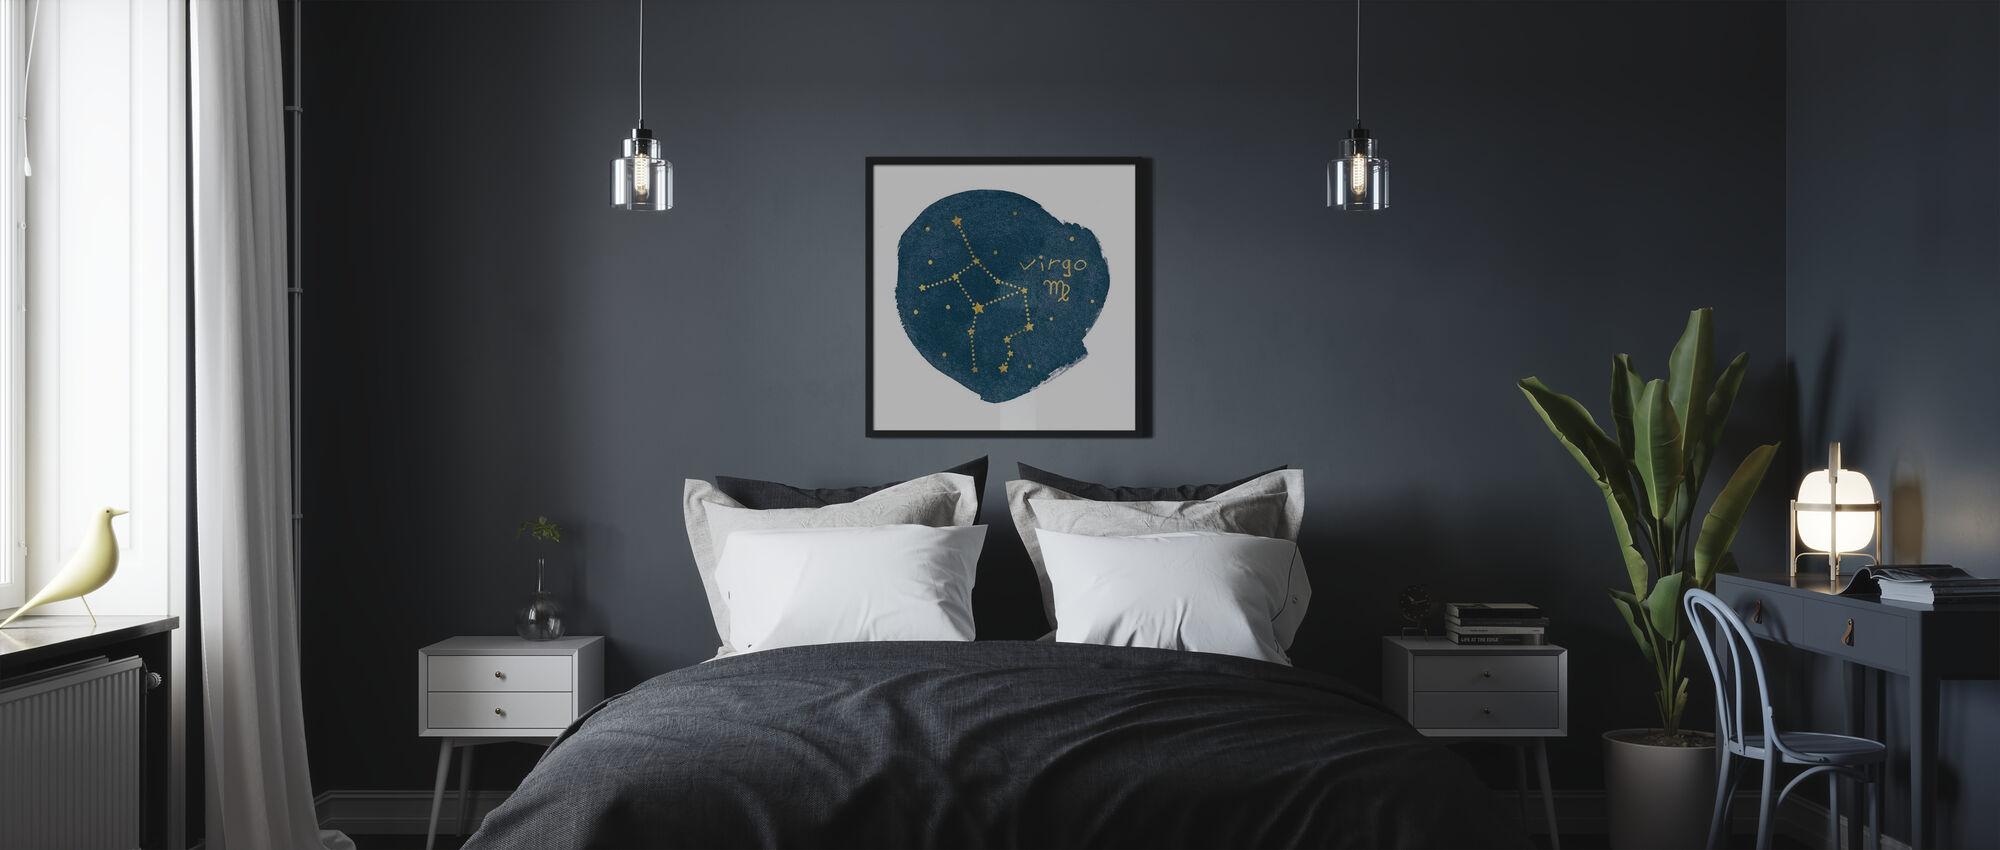 Horoskop Jungfrun - Poster - Sovrum